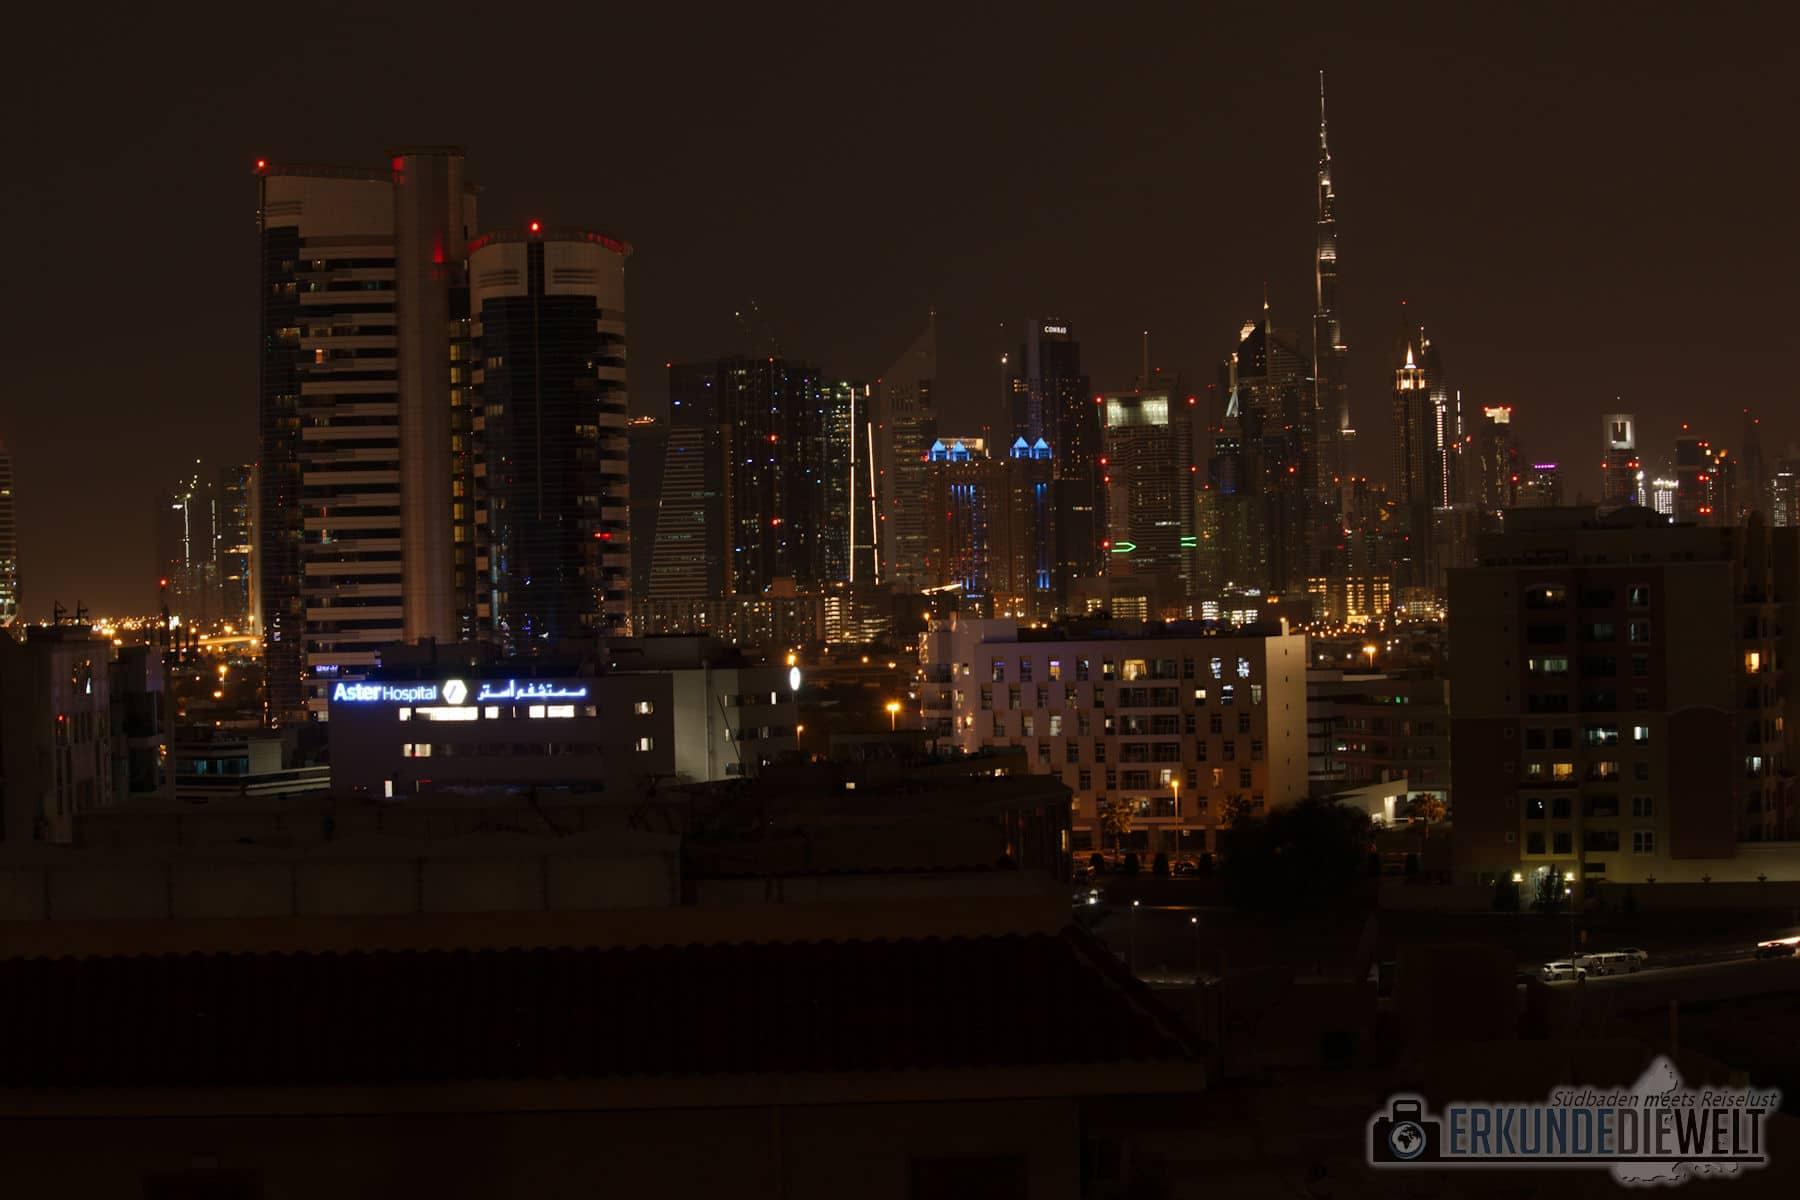 RAW Dubai I